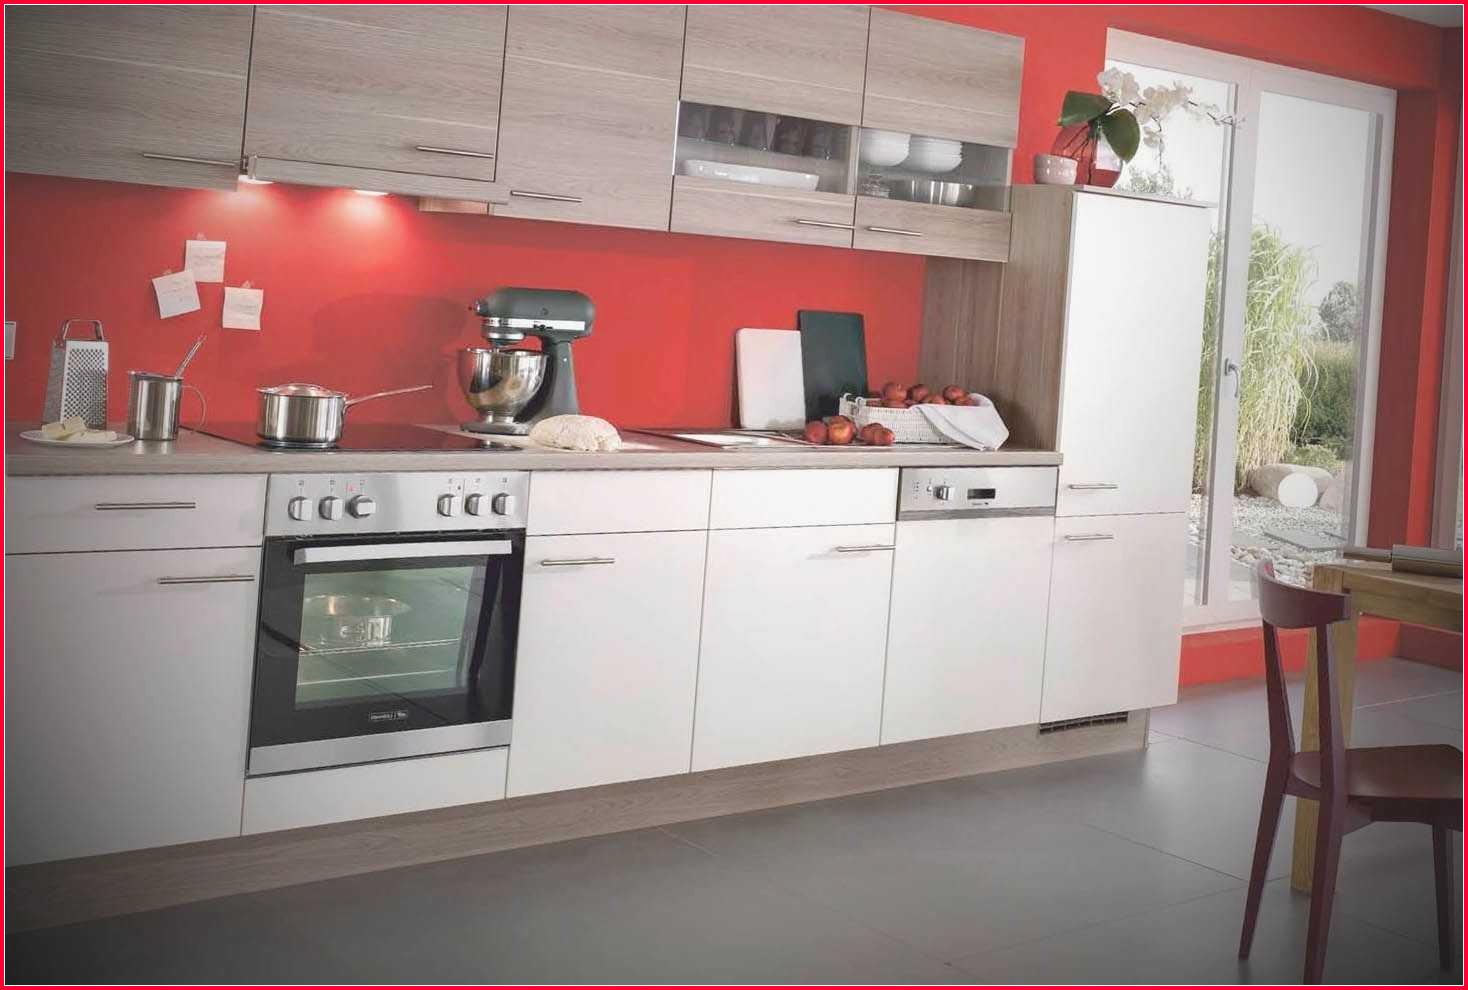 Muebles Economicos Budm Muebles De Cocina Economicos 10 Elegante Muebles De Cocina